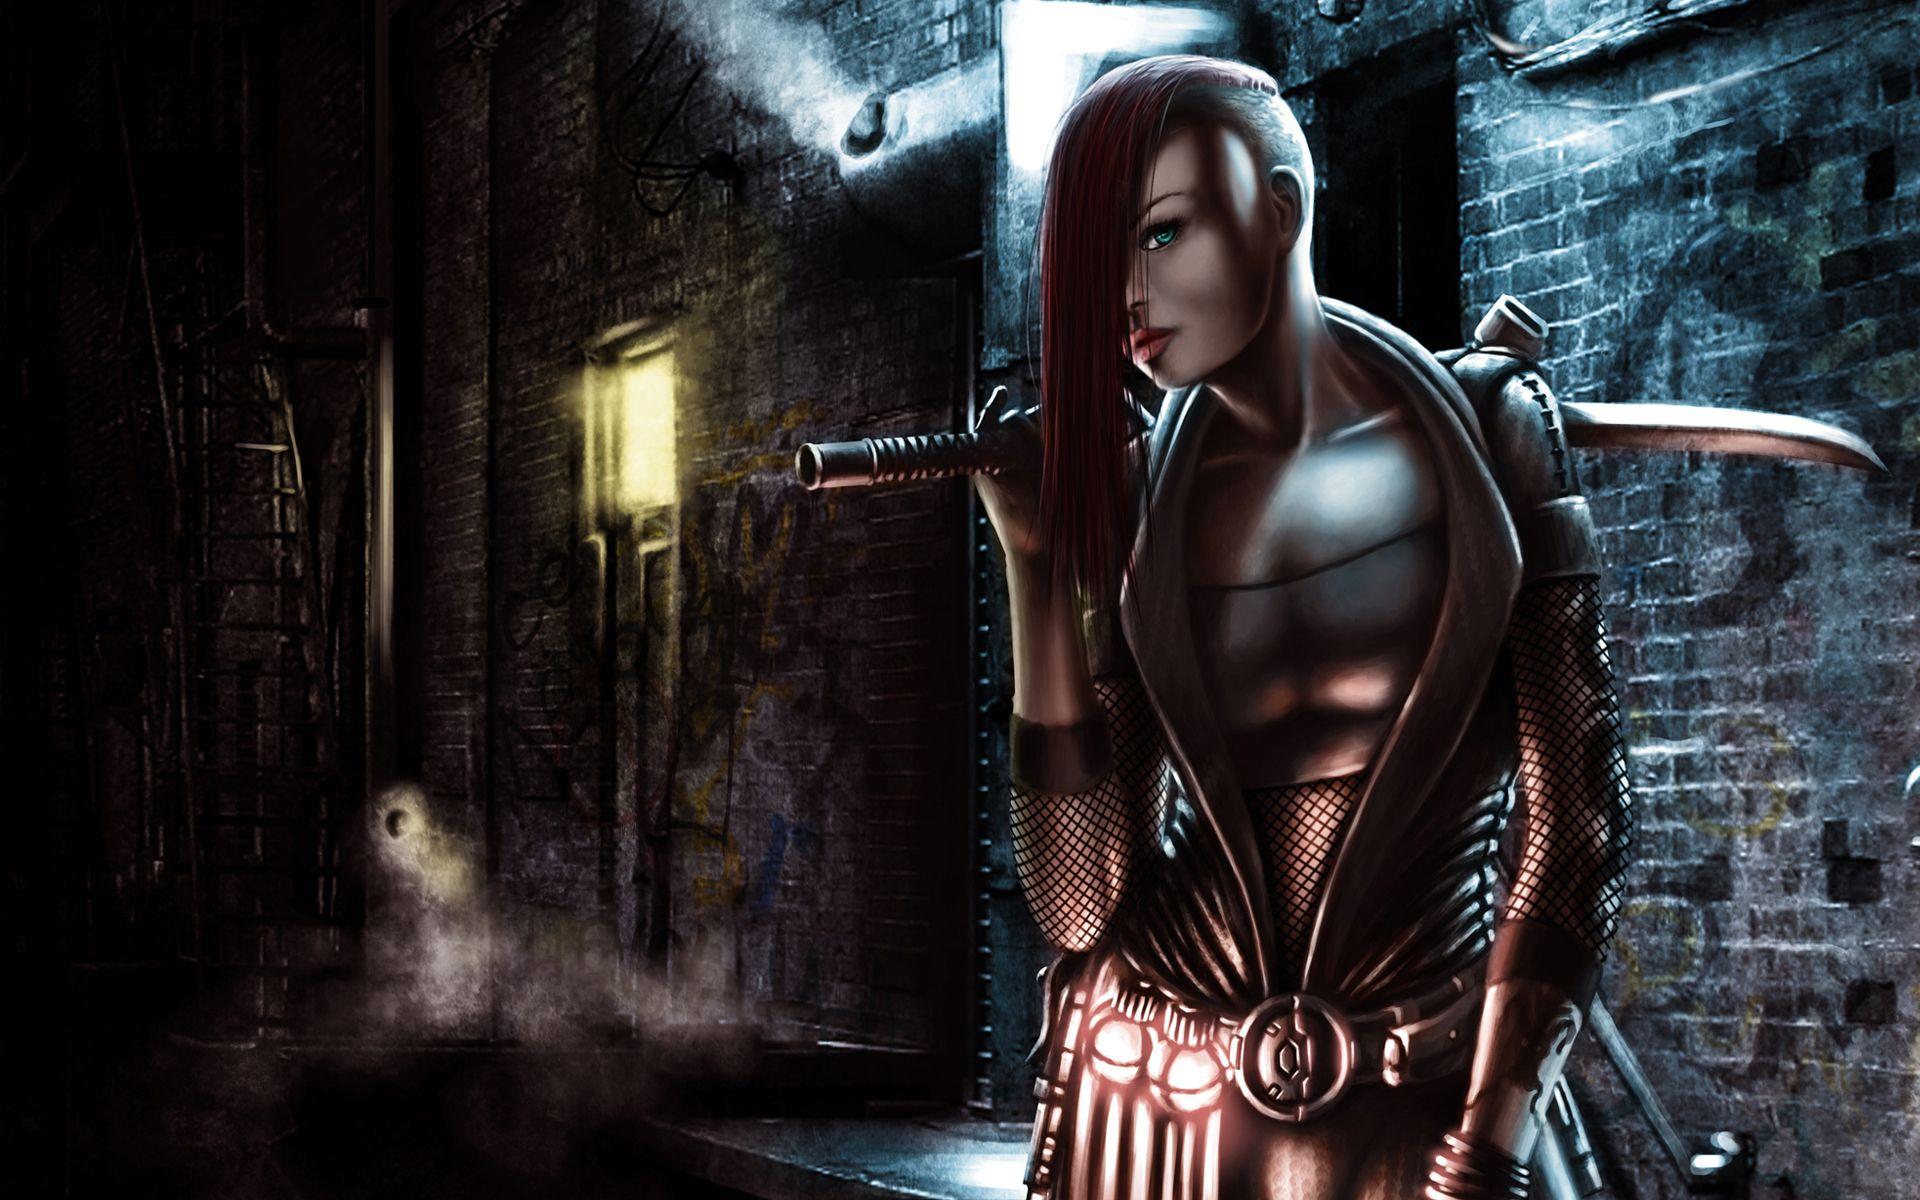 Women Warrior Artwork Sword Rain Cyberpunk Cyberpunk: Katana Sword Weapons Warrior Armor Cyberpunk Punk Urban